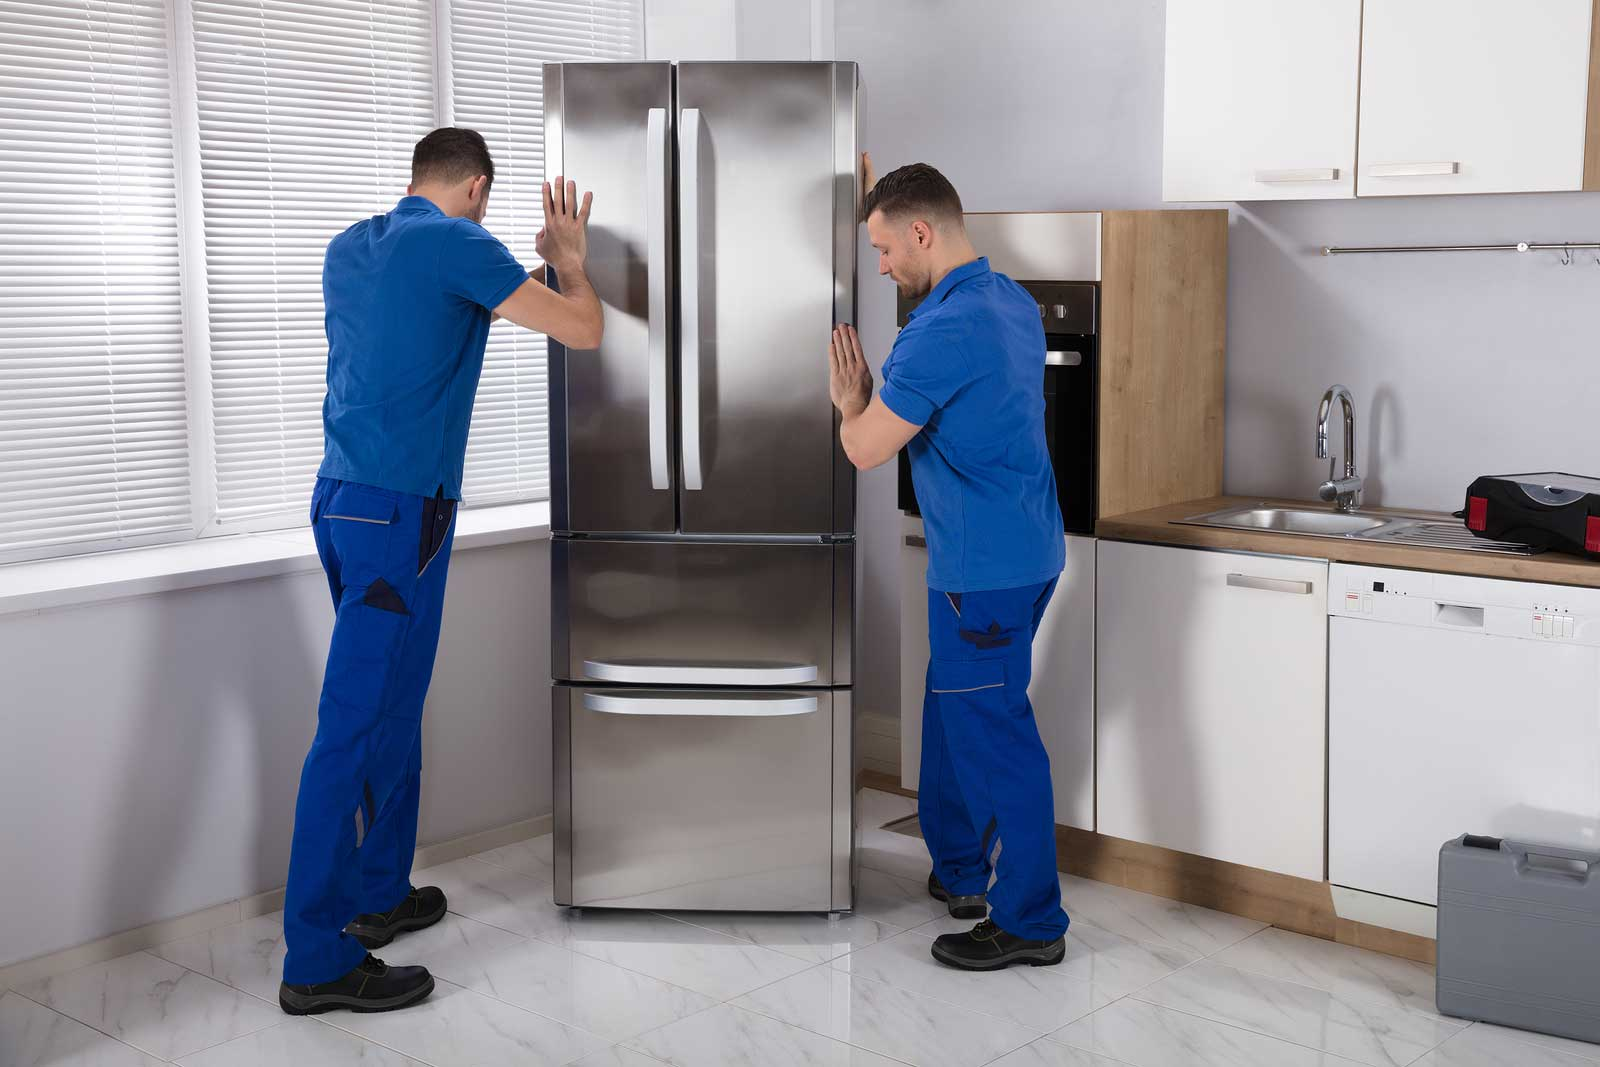 Deux hommes préparent un réfrigérateur pour l'entreposage